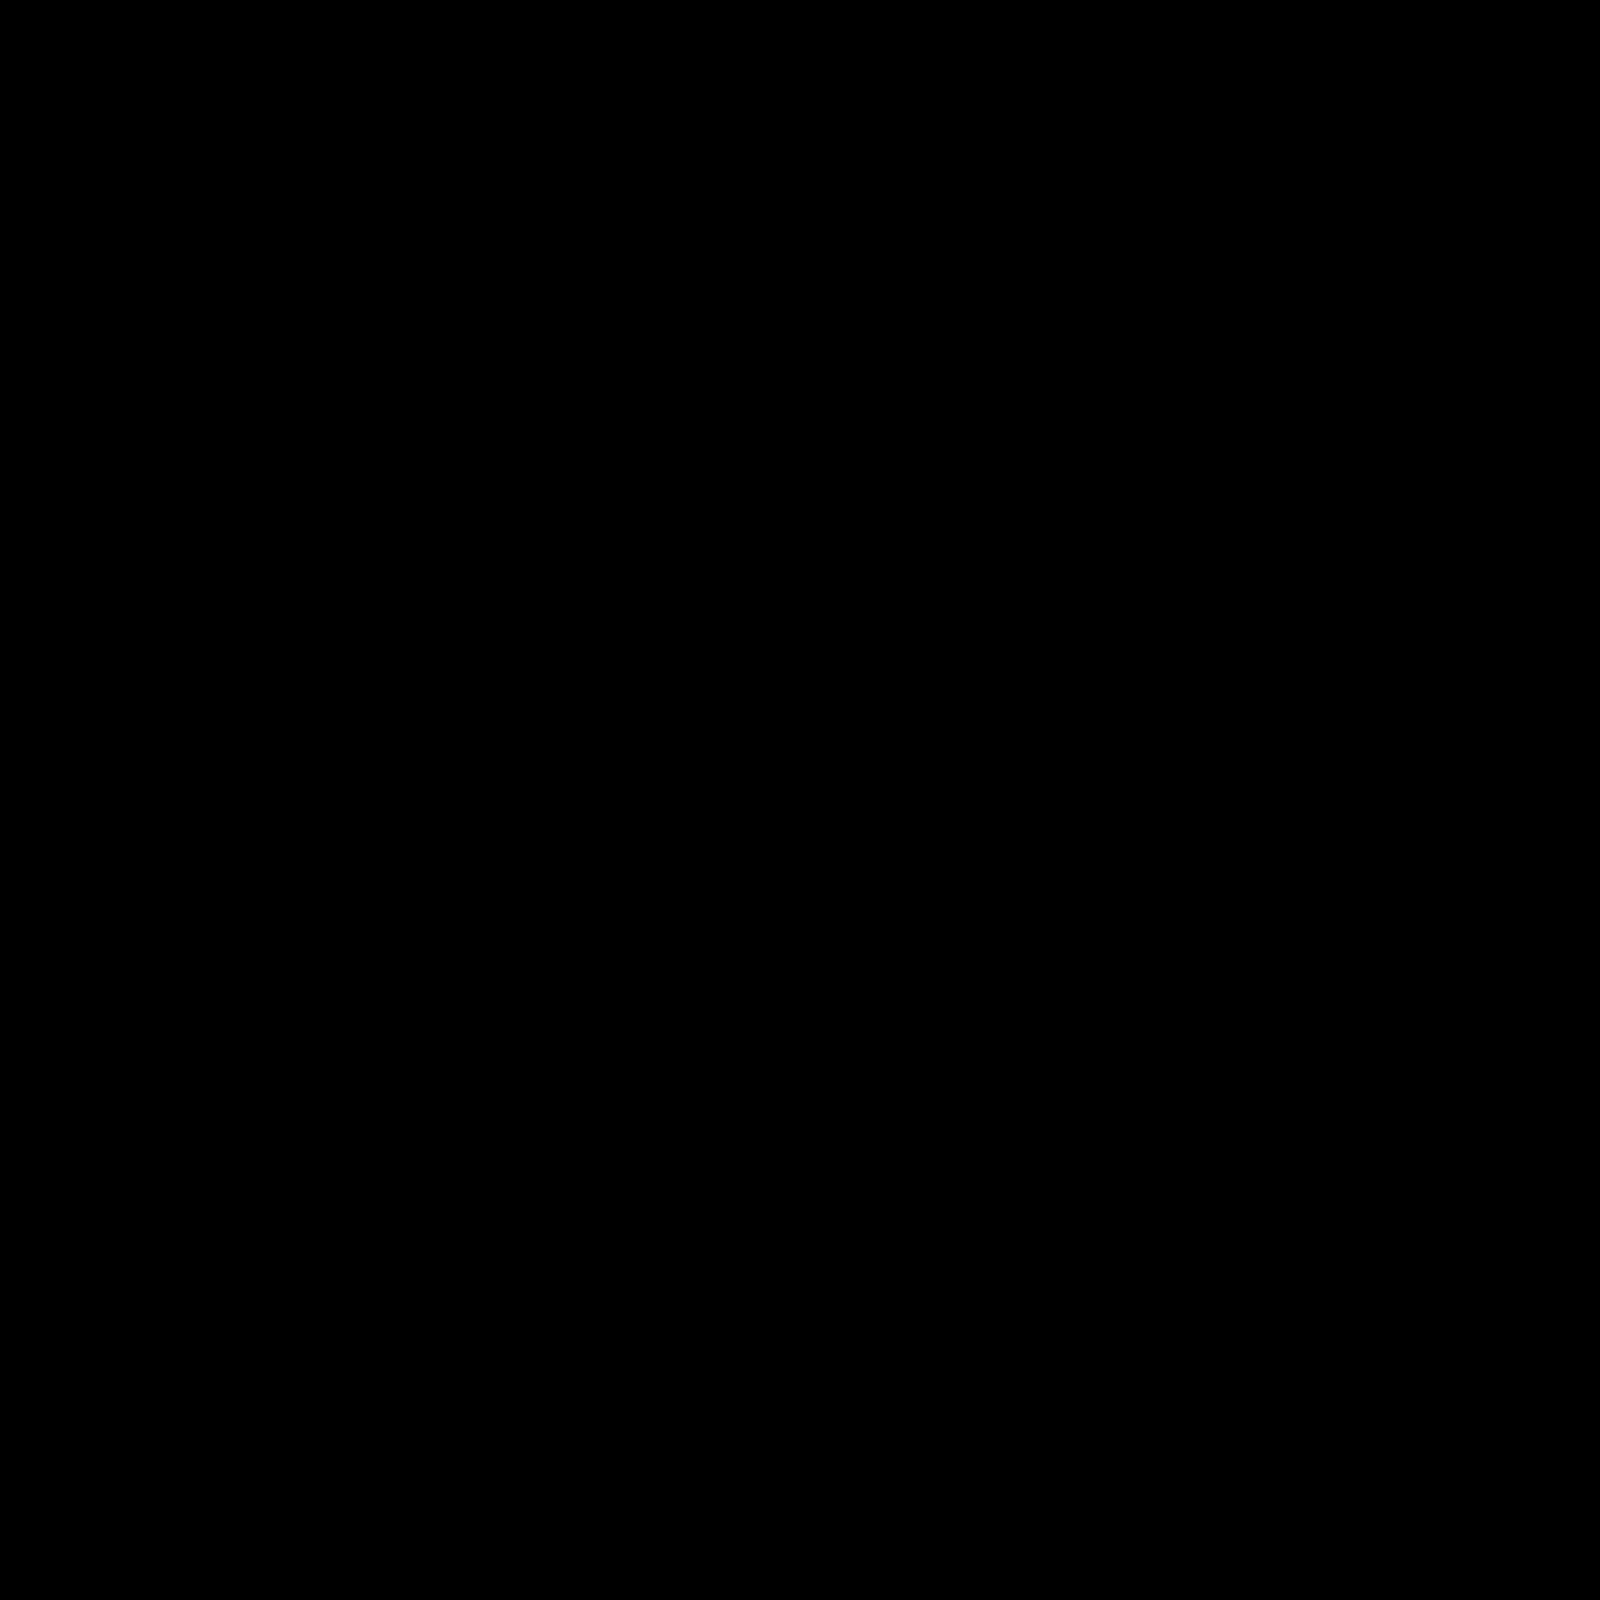 风扇 icon. It shows a circular fan with three blades and has a little stand on the bottom. The blades are curved to the left and there aren't any spokes like on a regular fan.